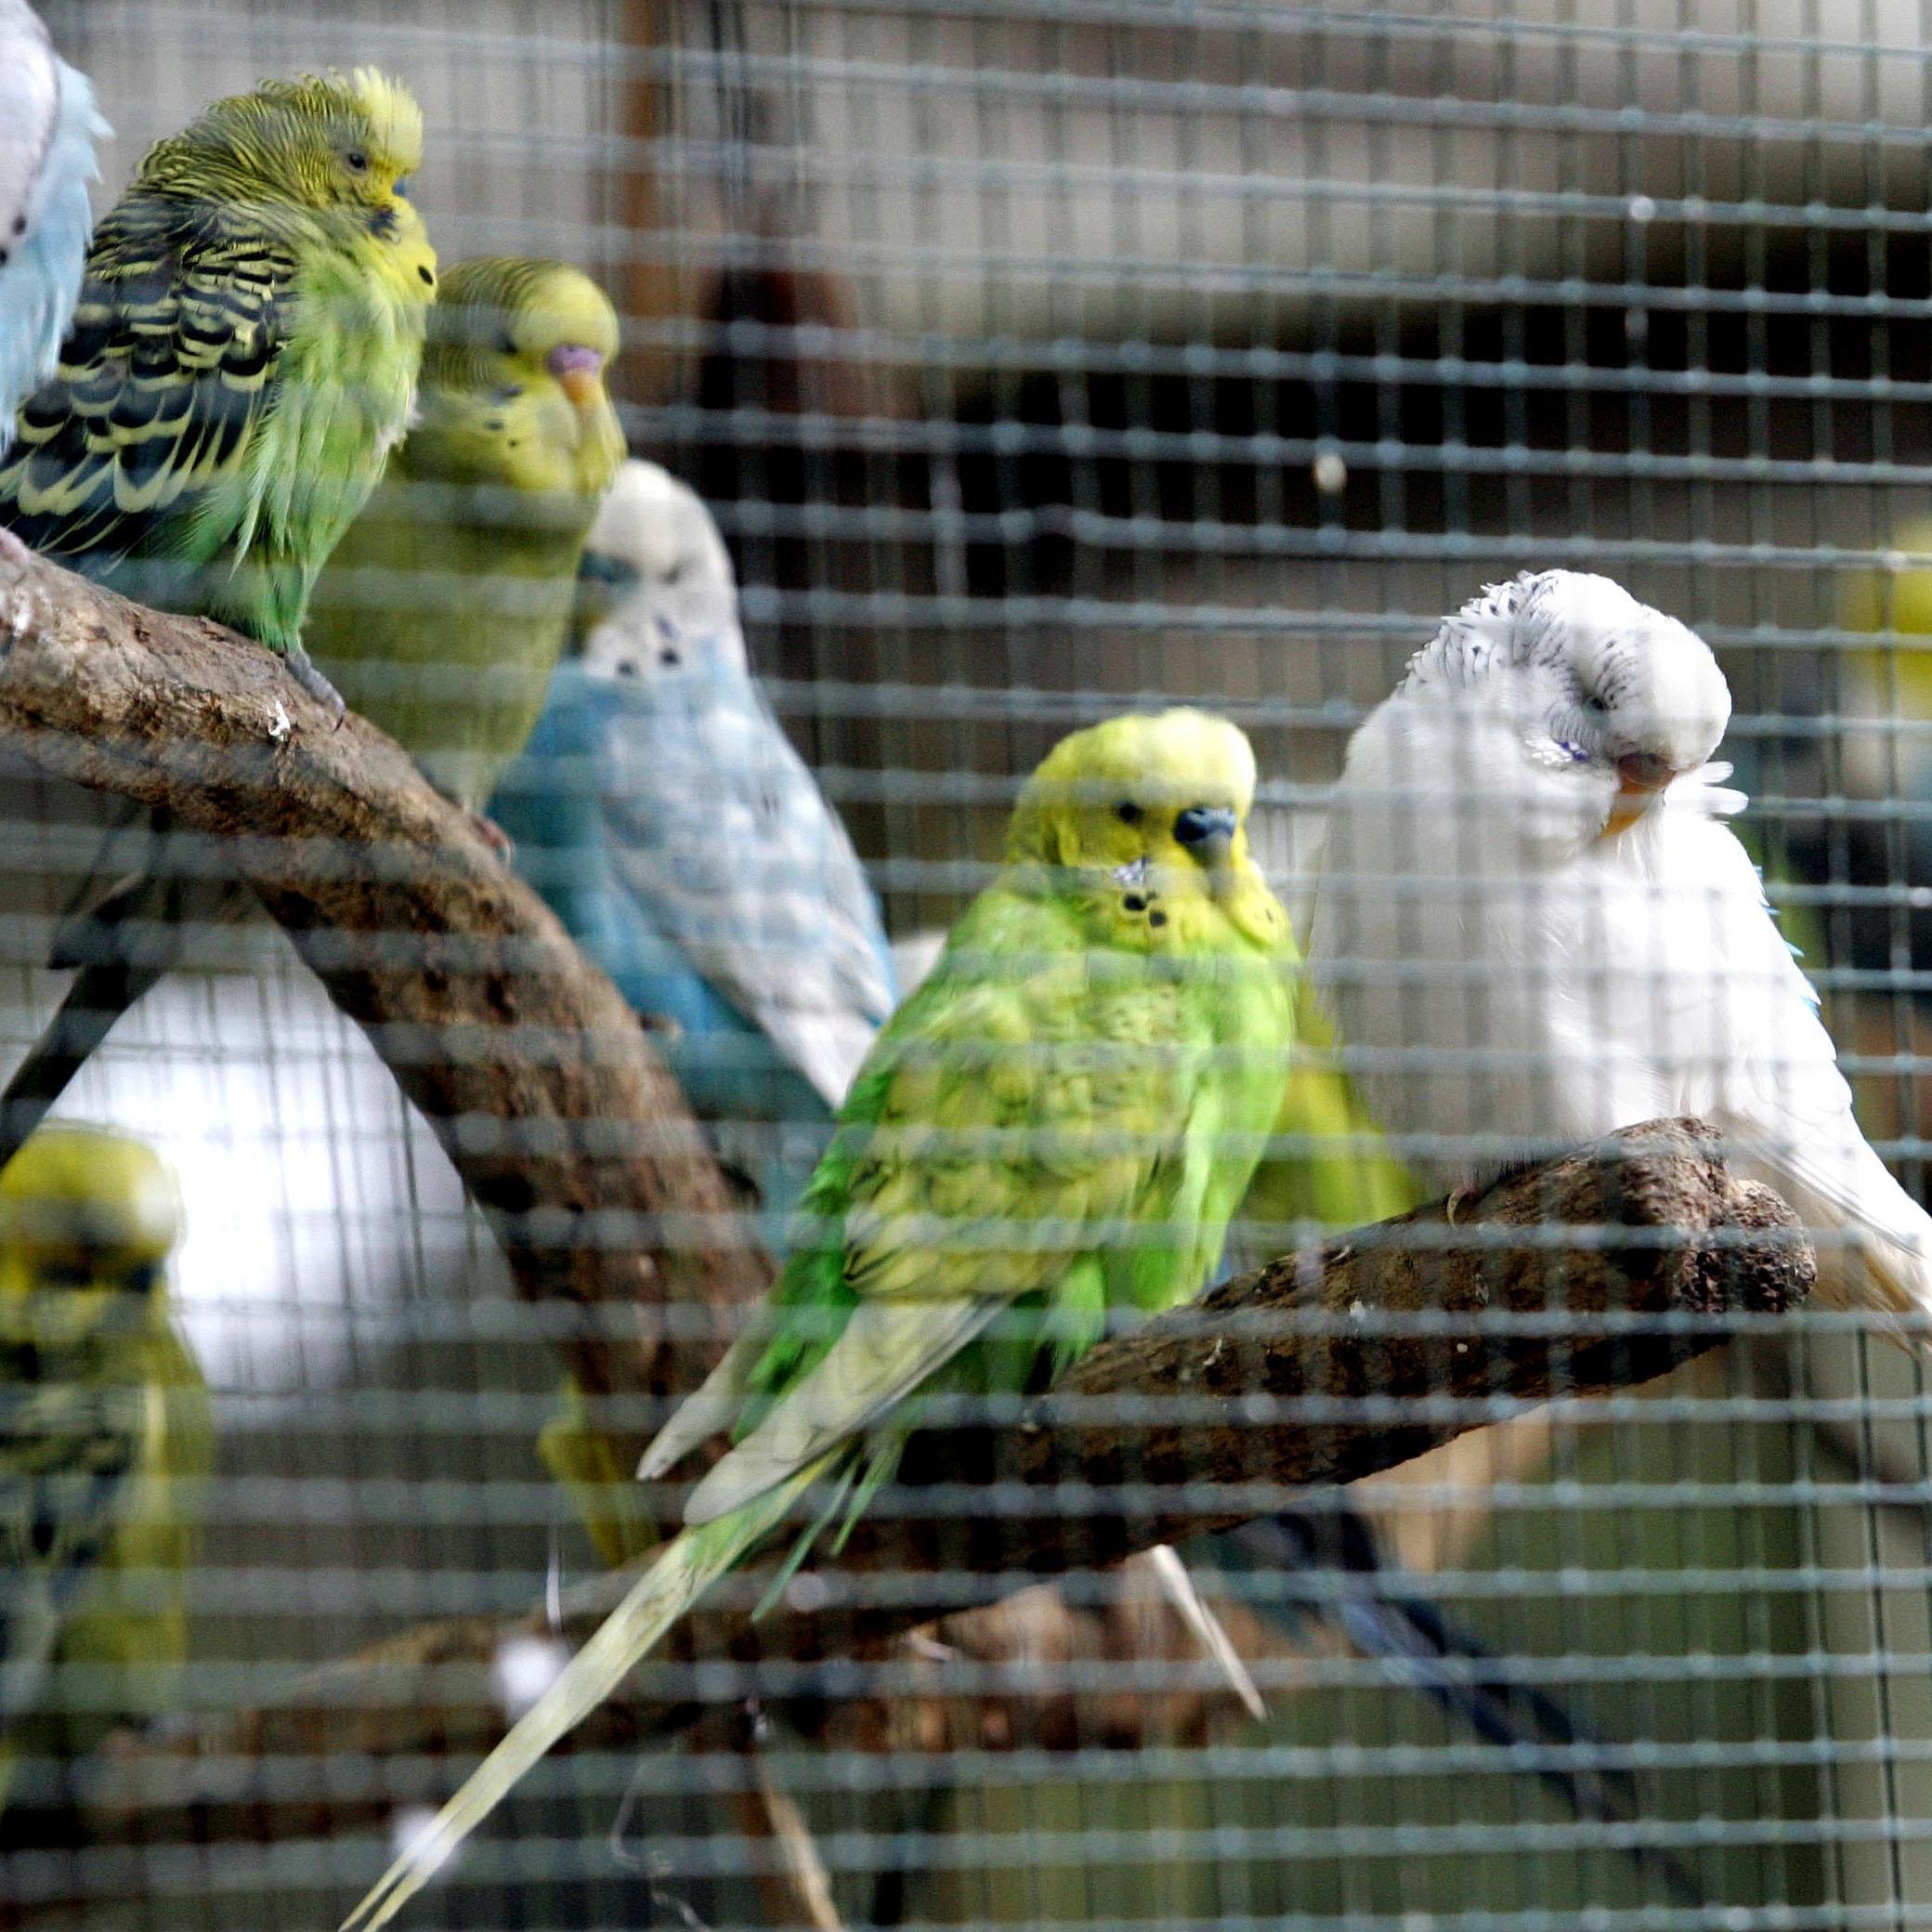 Am Montag wurden 165 Ziervögel aus einem Verschlag in Wien-Liesing befreit.